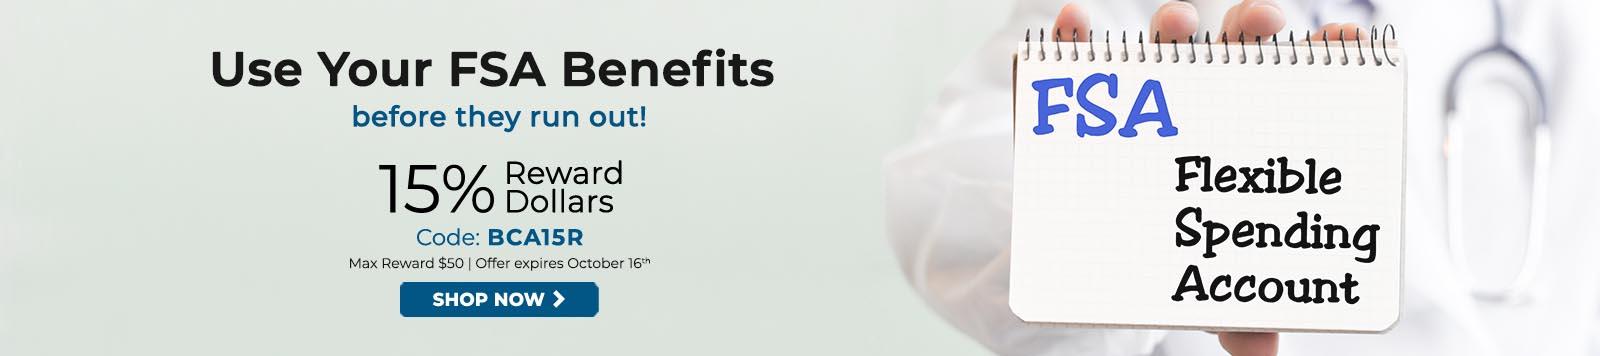 HPFY Use FSA Benefits